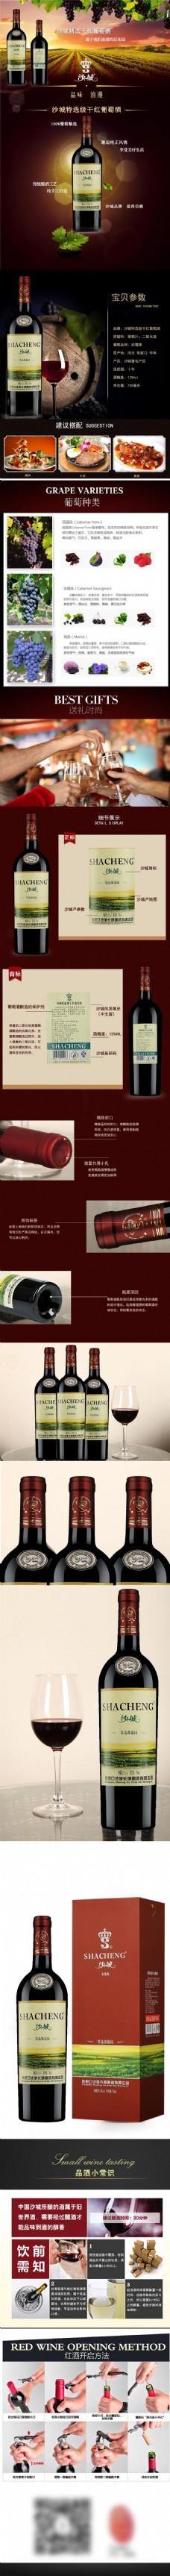 特选级干红葡萄酒详情页图片